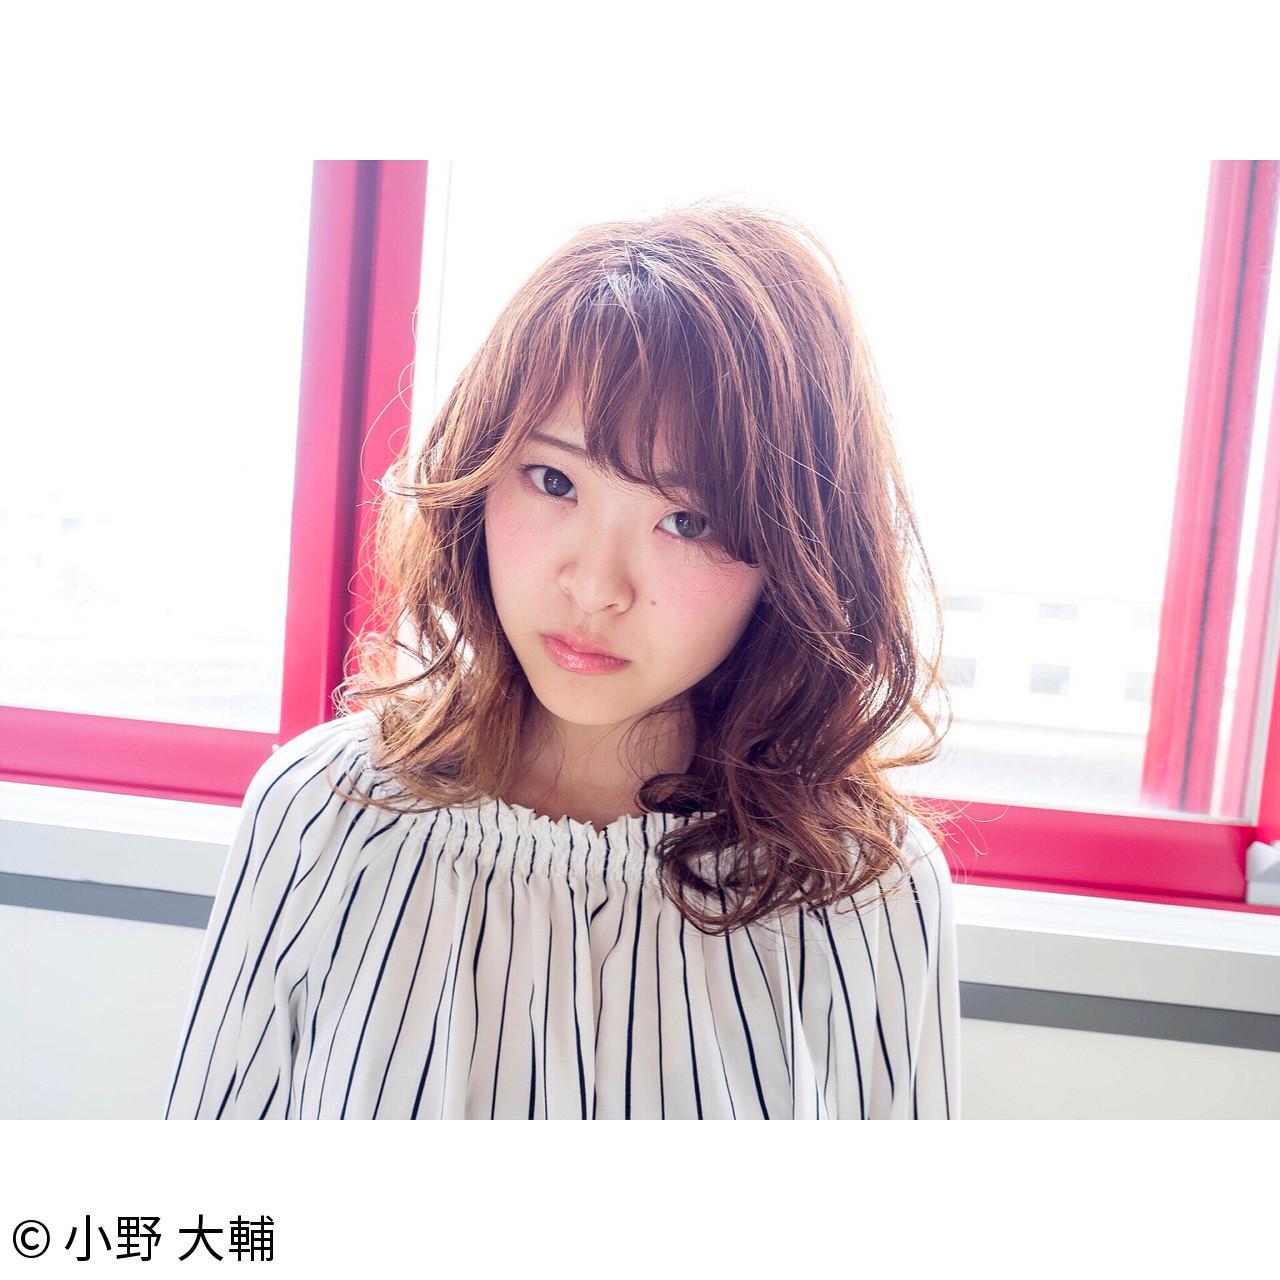 小顔効果も期待できるミディアムスタイル 小野 大輔 | ape beauty WORLD